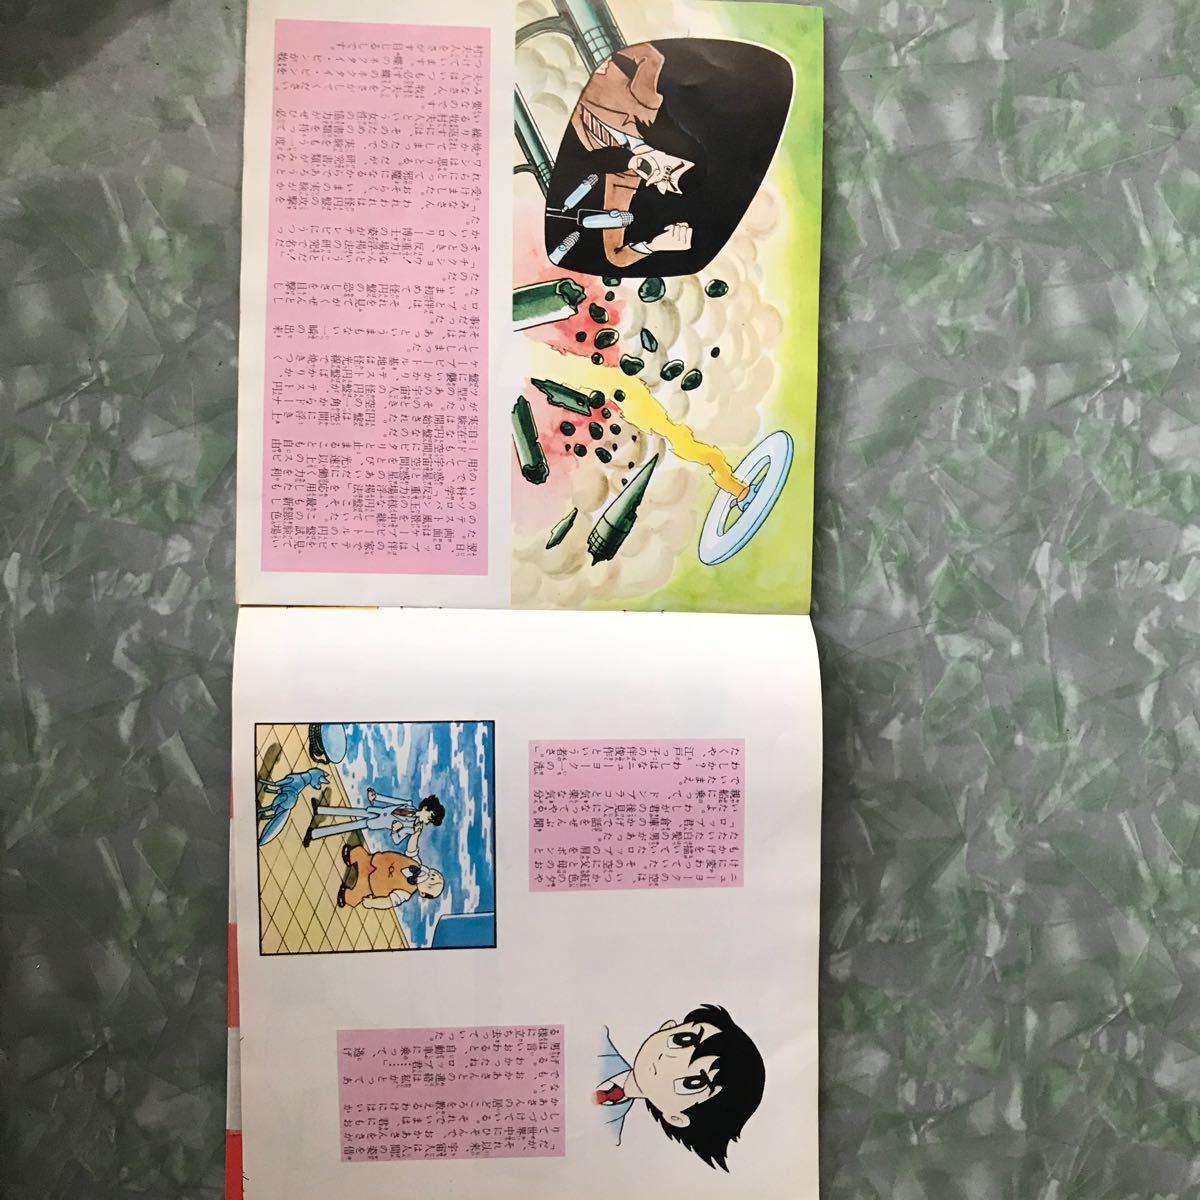 手塚治虫 銀河少年隊 現代フィルムマンガ2